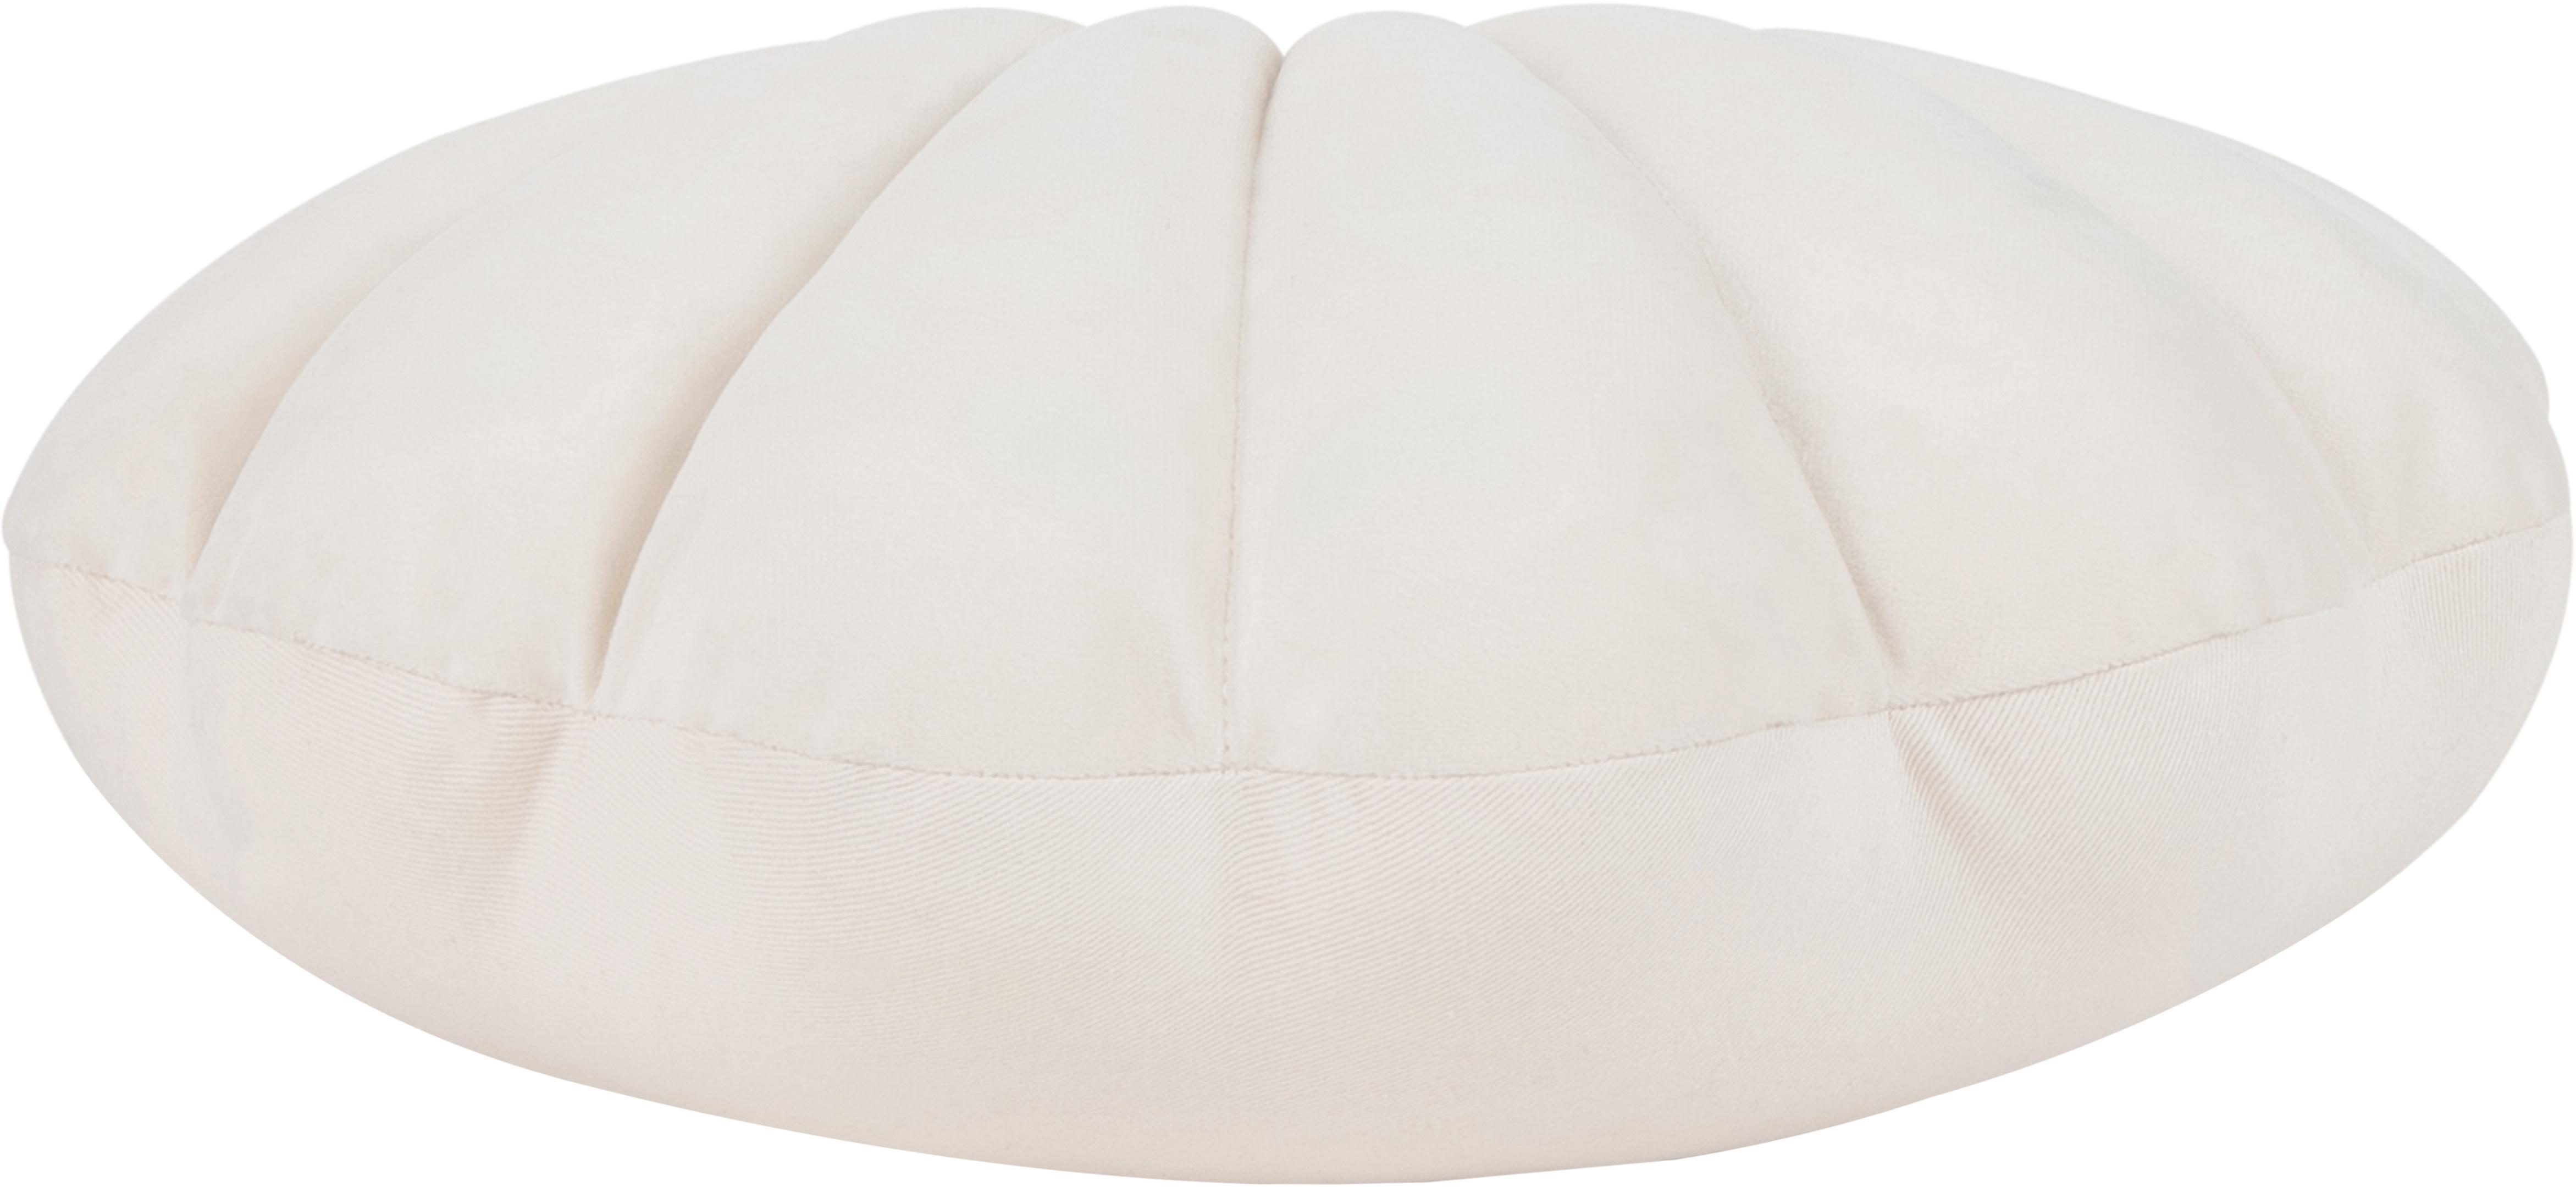 Sametový polštář Shell, Krémově bílá